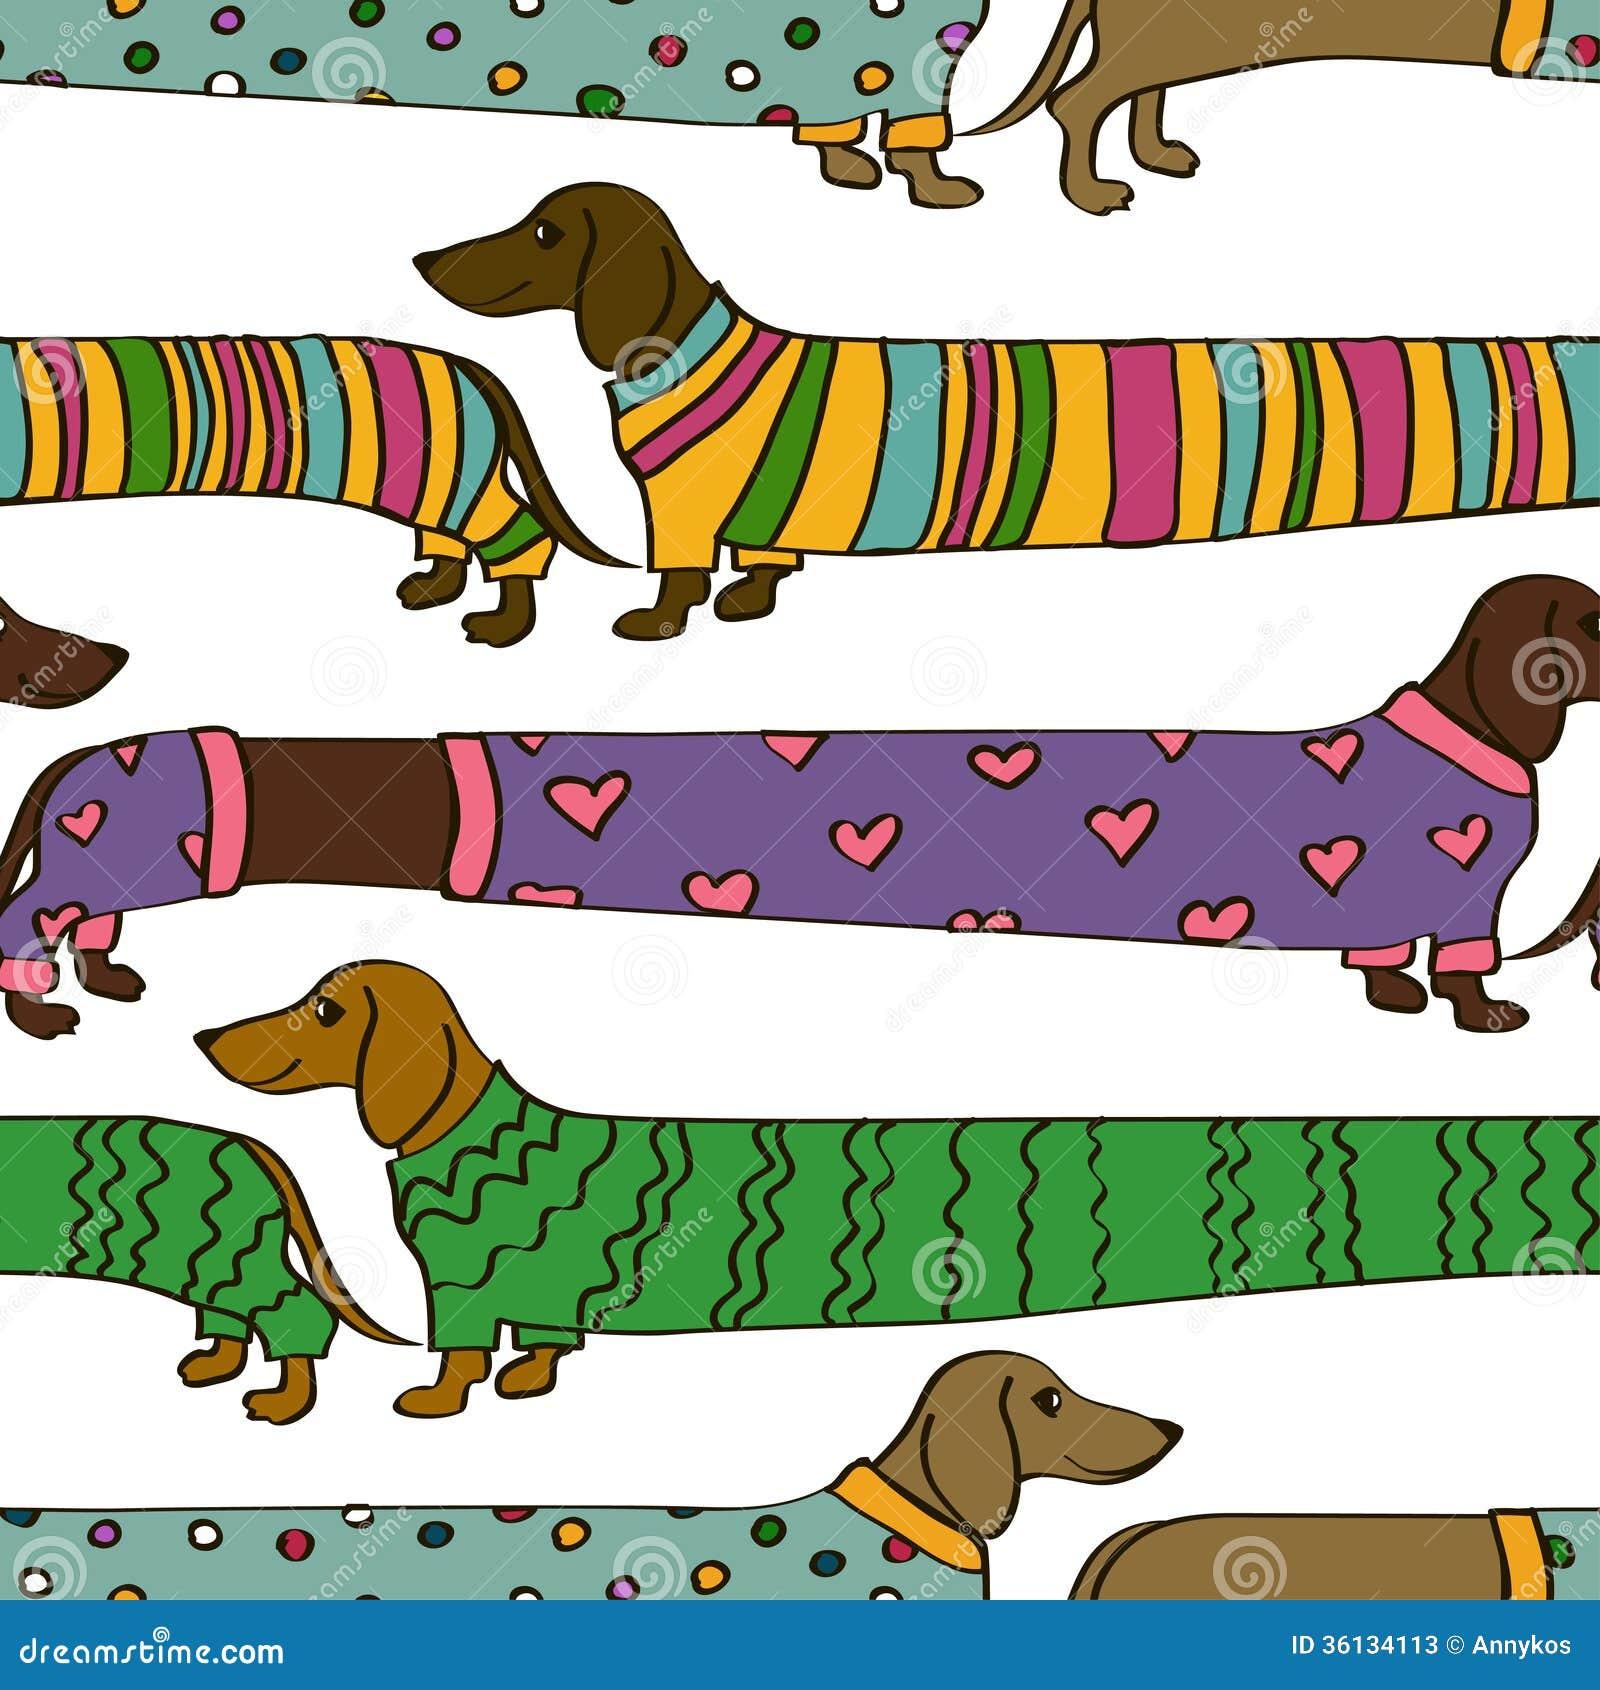 dachshund stock illustrations 5 044 dachshund stock illustrations